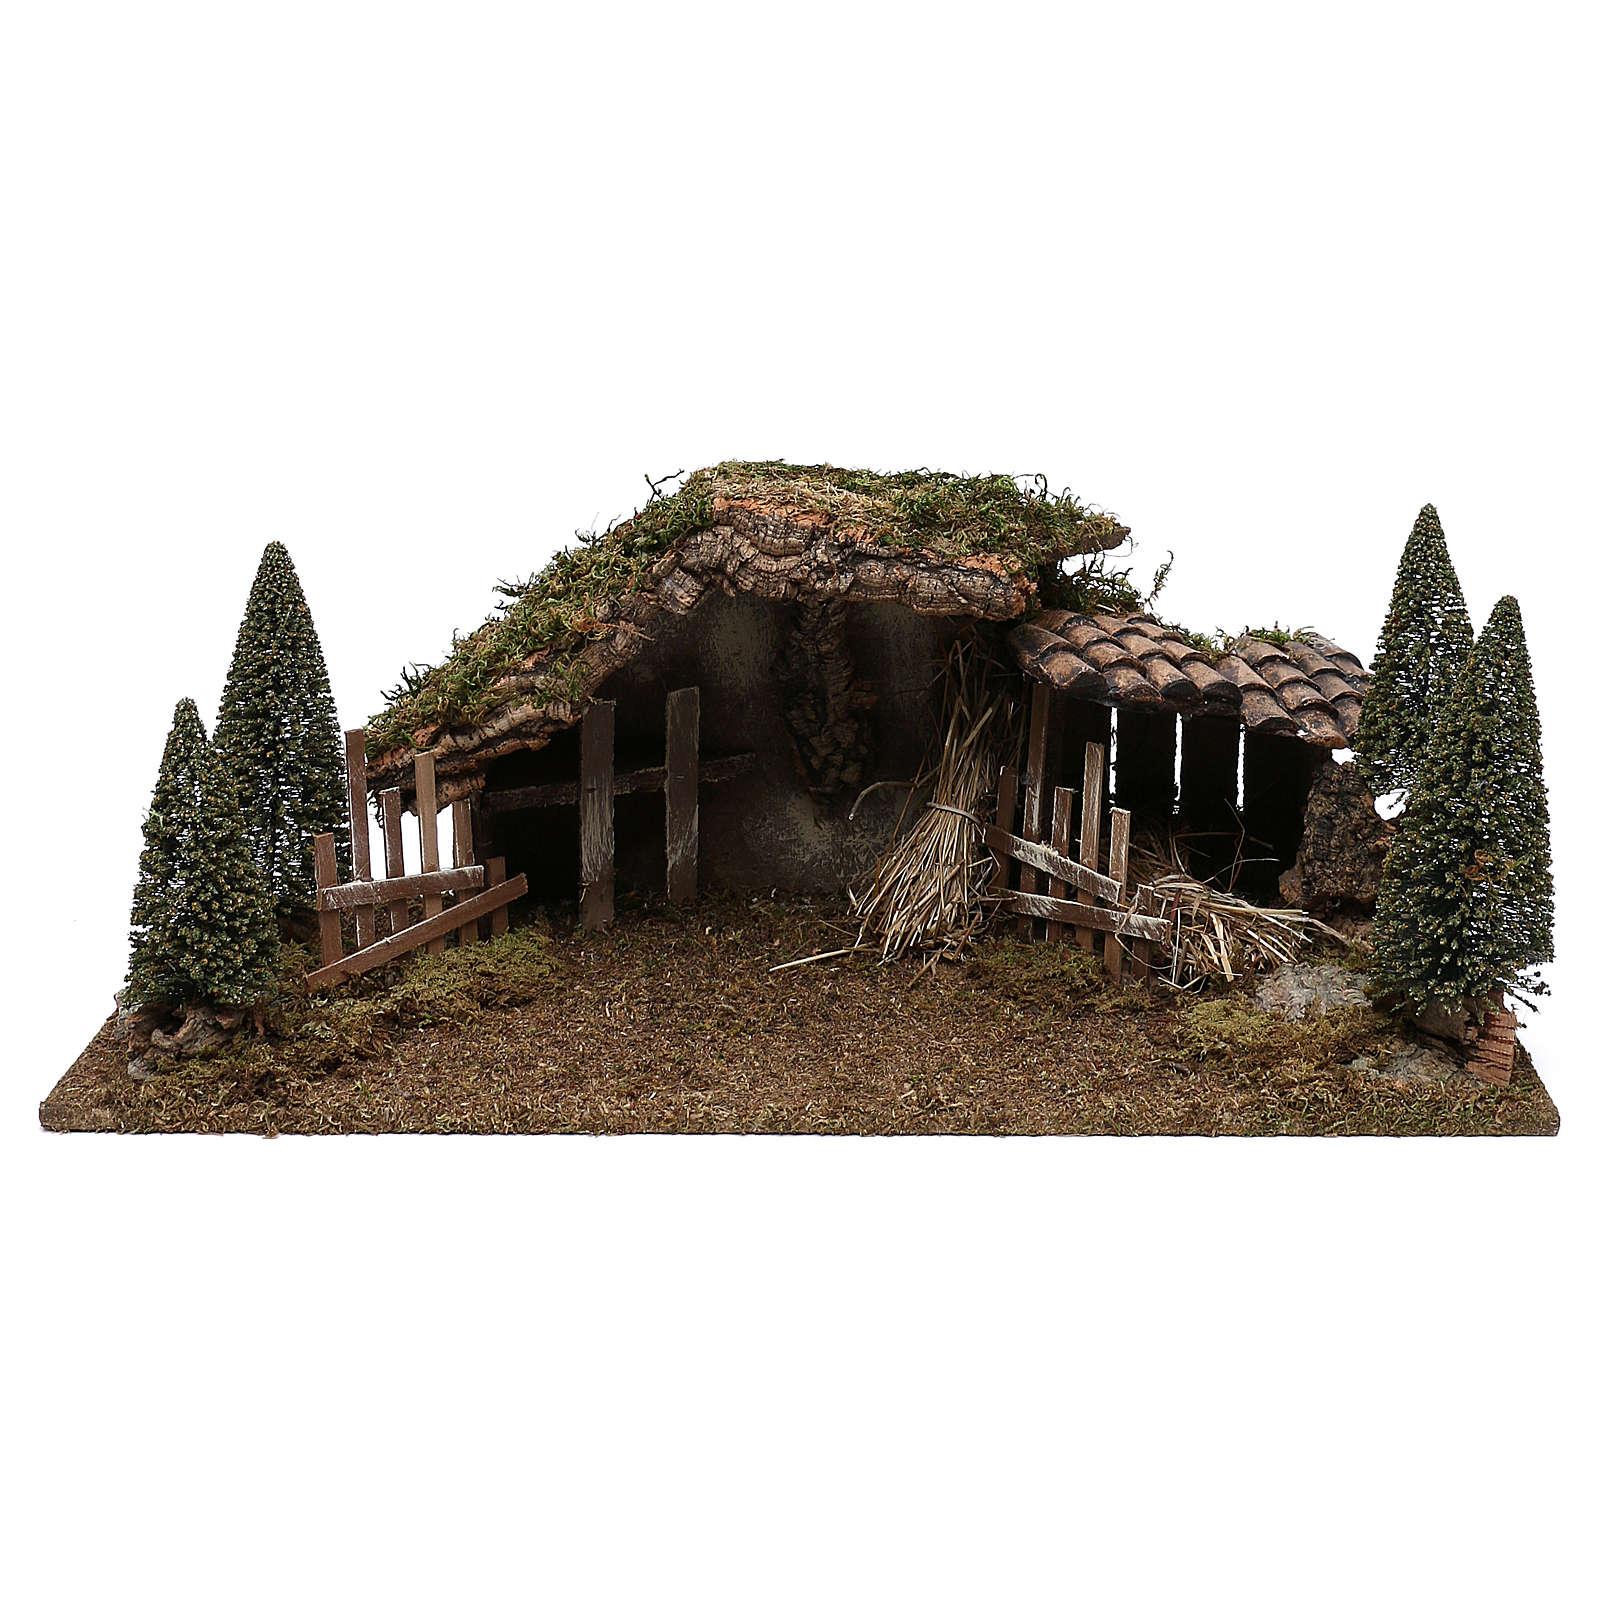 Capanna in legno fienile e pini 20x60x25 cm 4